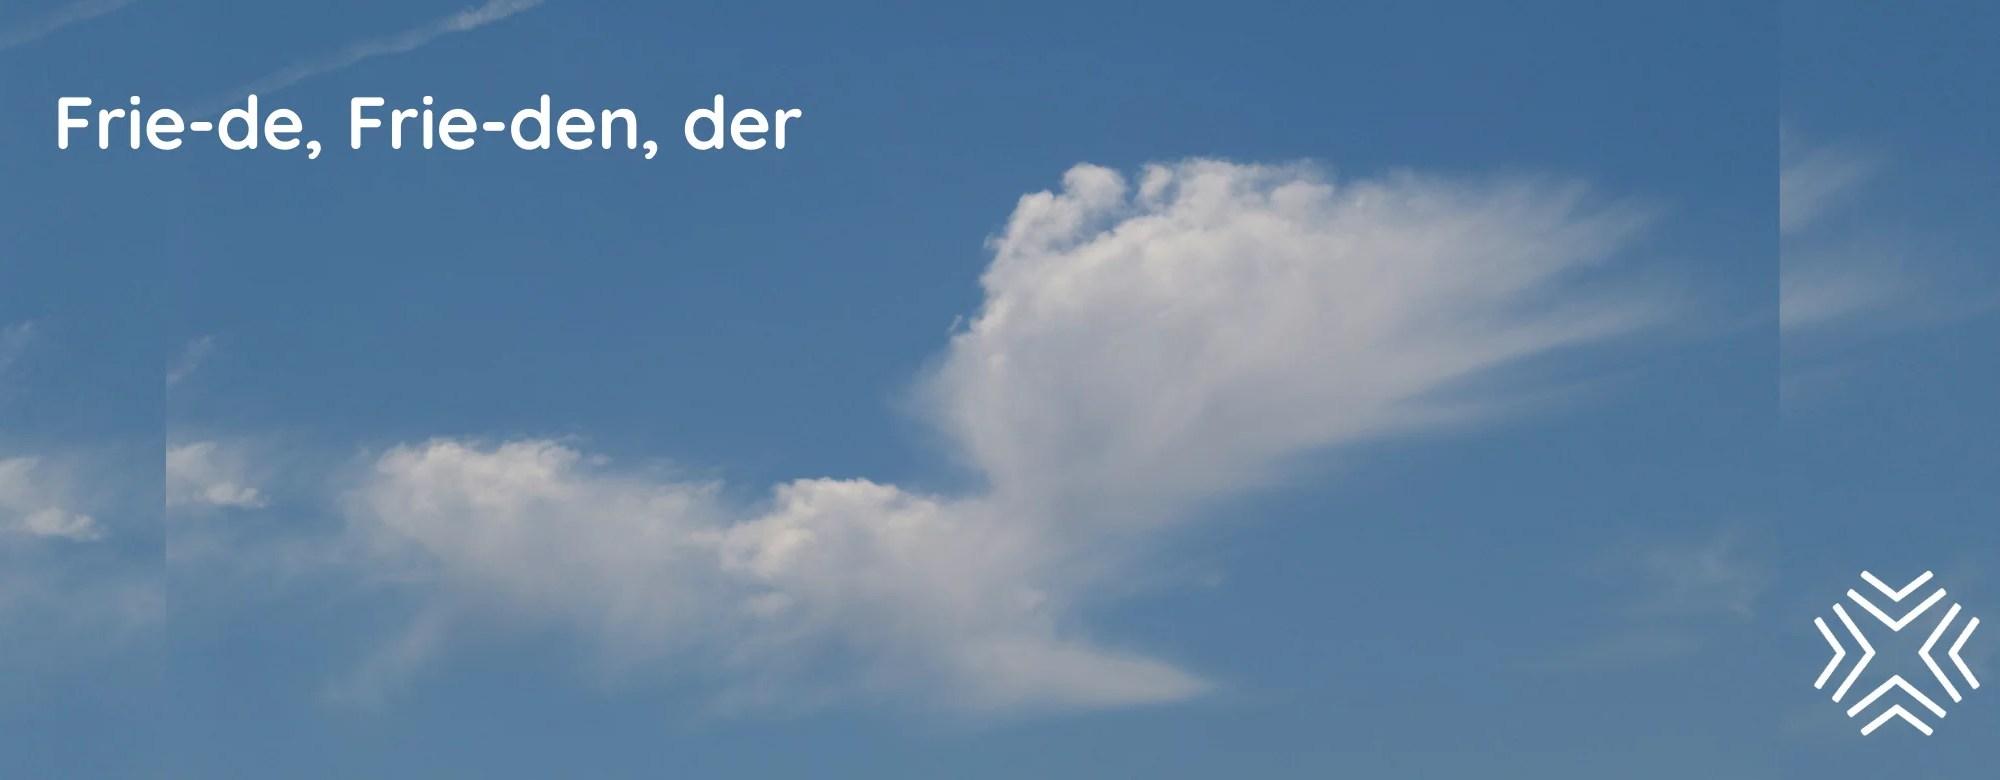 Wolkentaube, Friede